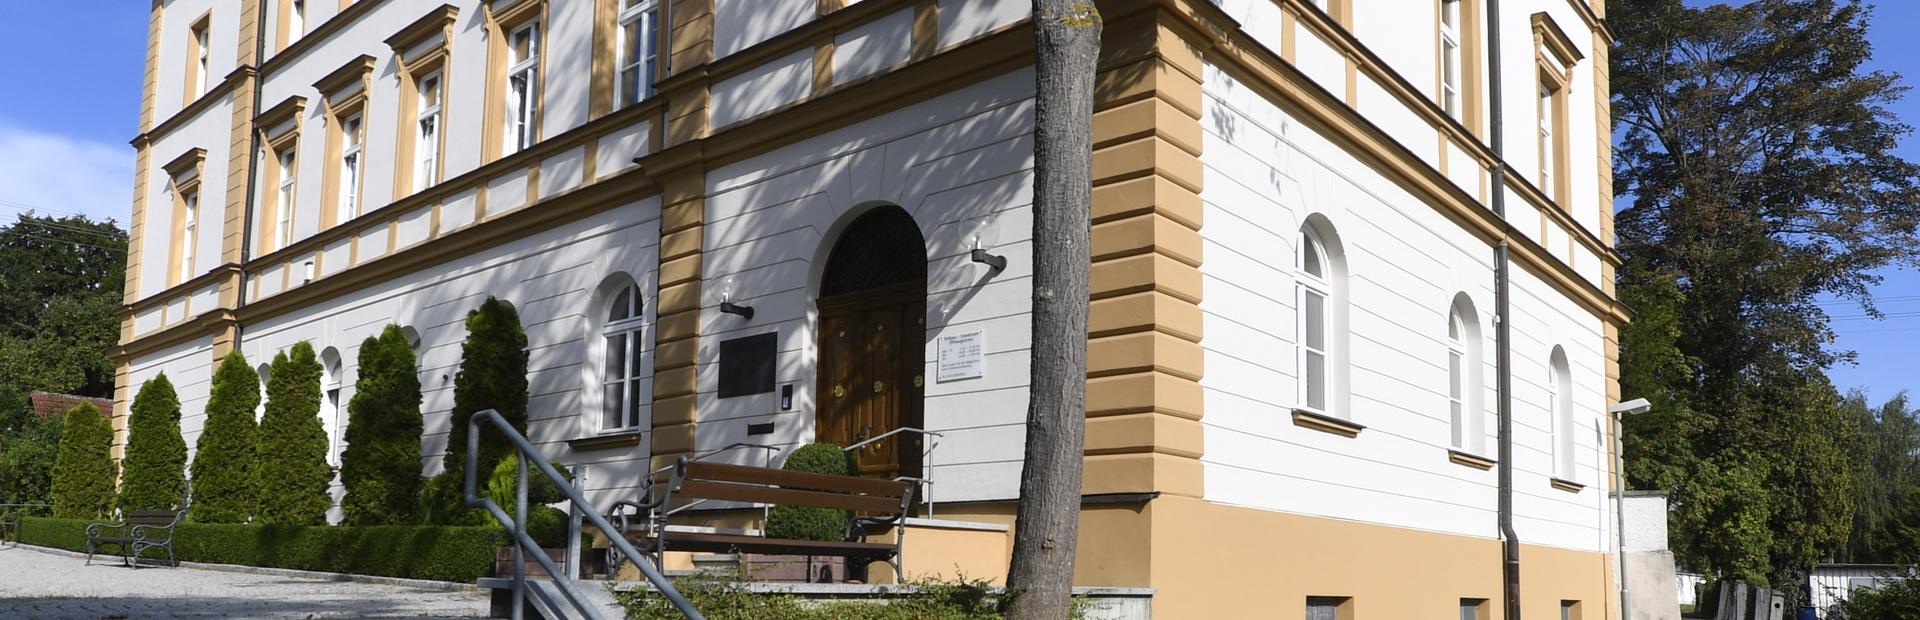 Rathaus der Stadt Burgau